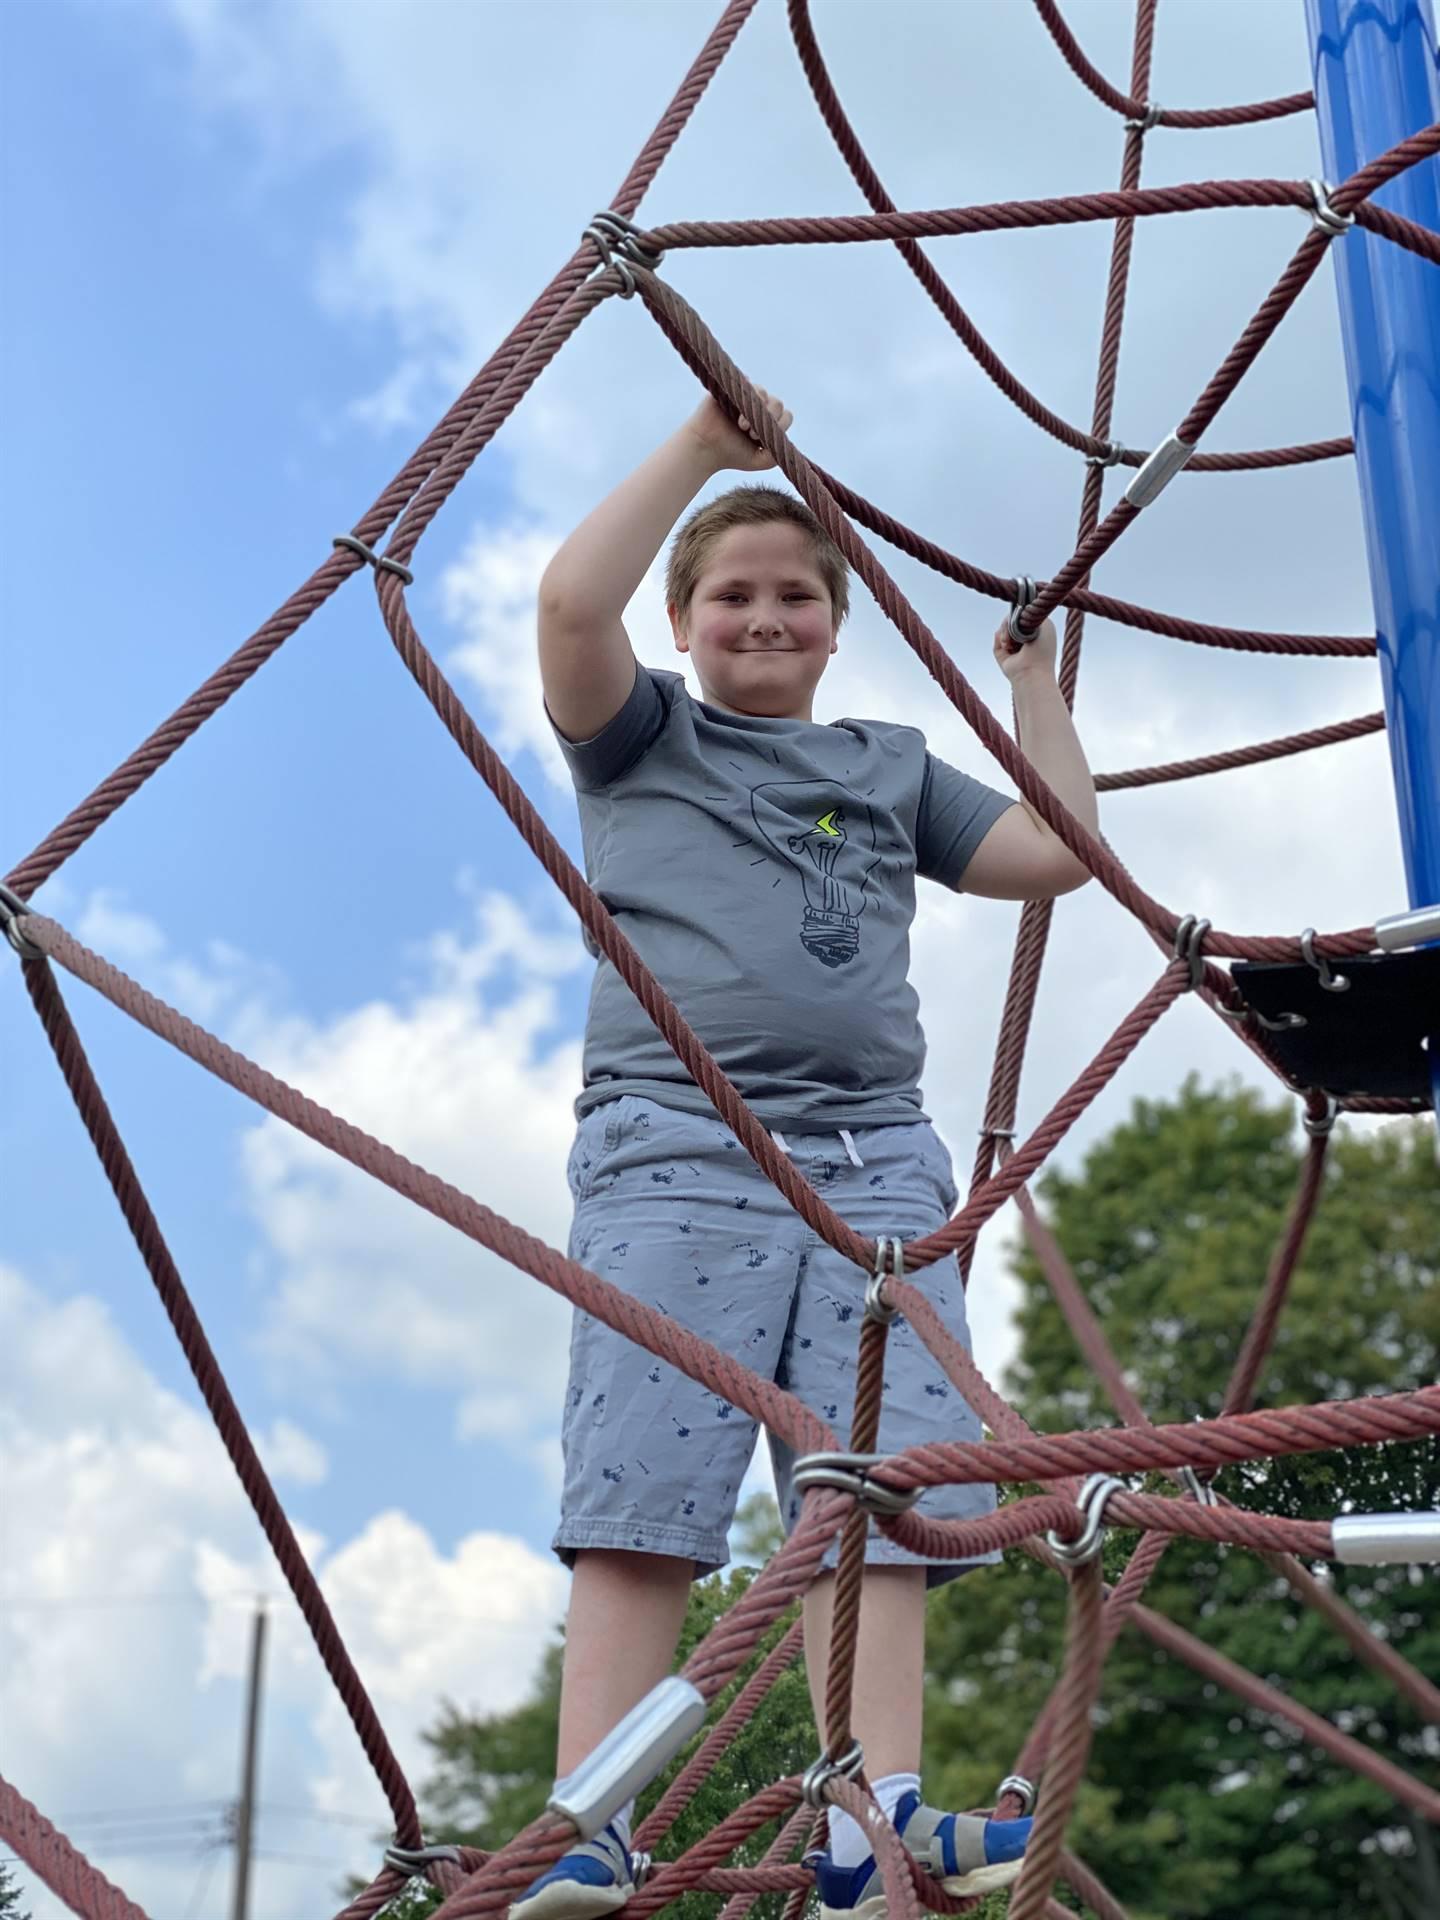 Student on playground equipment.